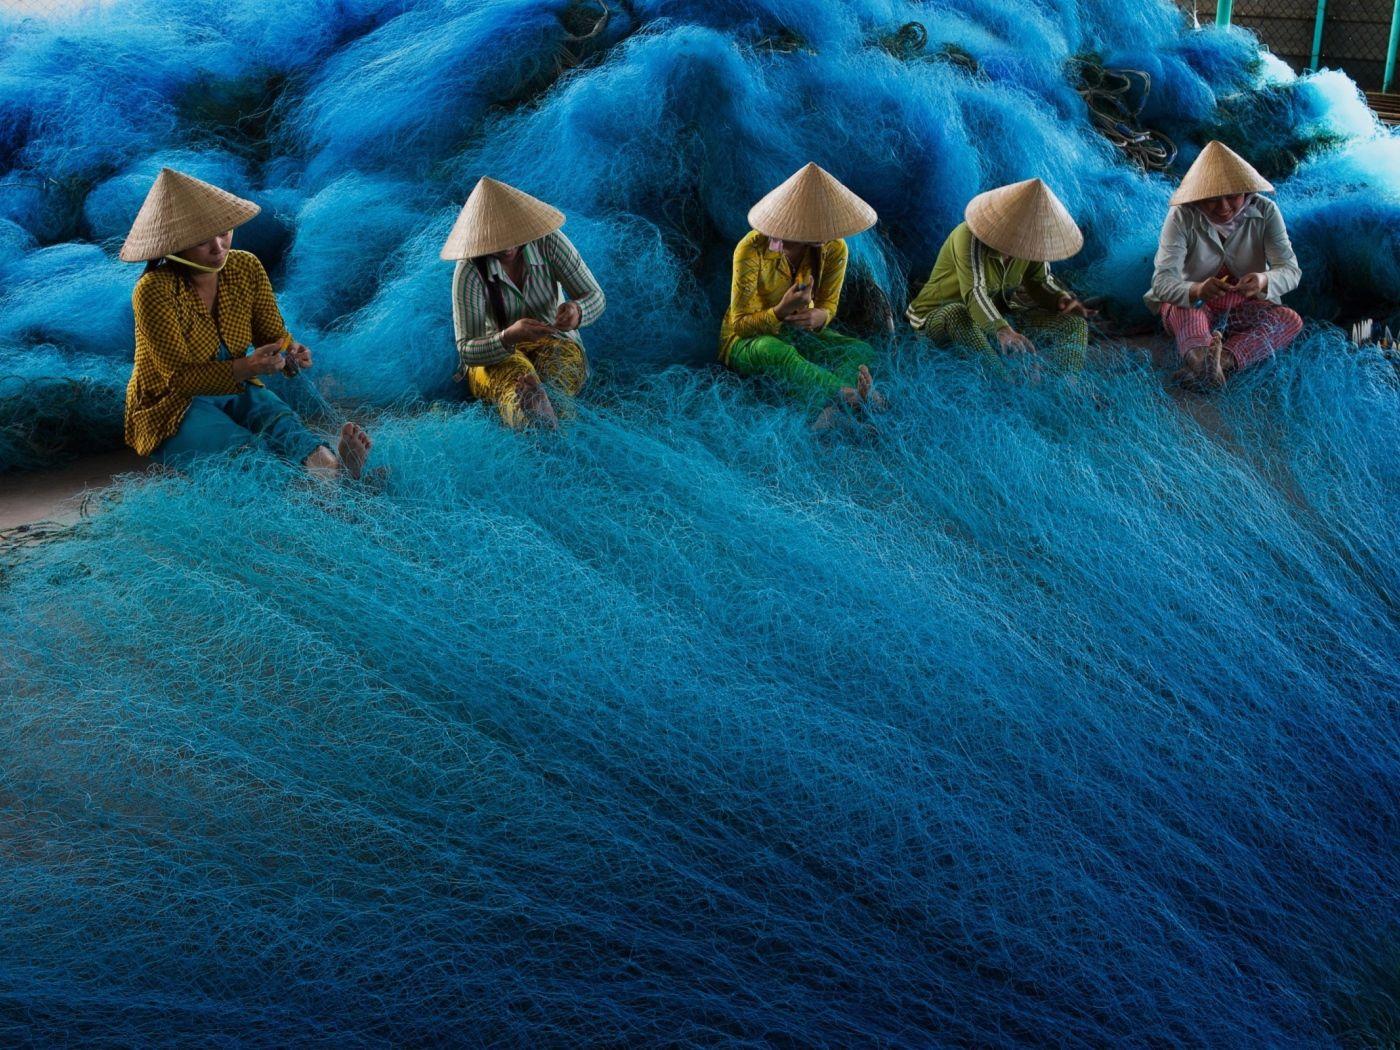 Trải nghiệm thú vị tại 4 làng nghề truyền thống tại Cần Thơ